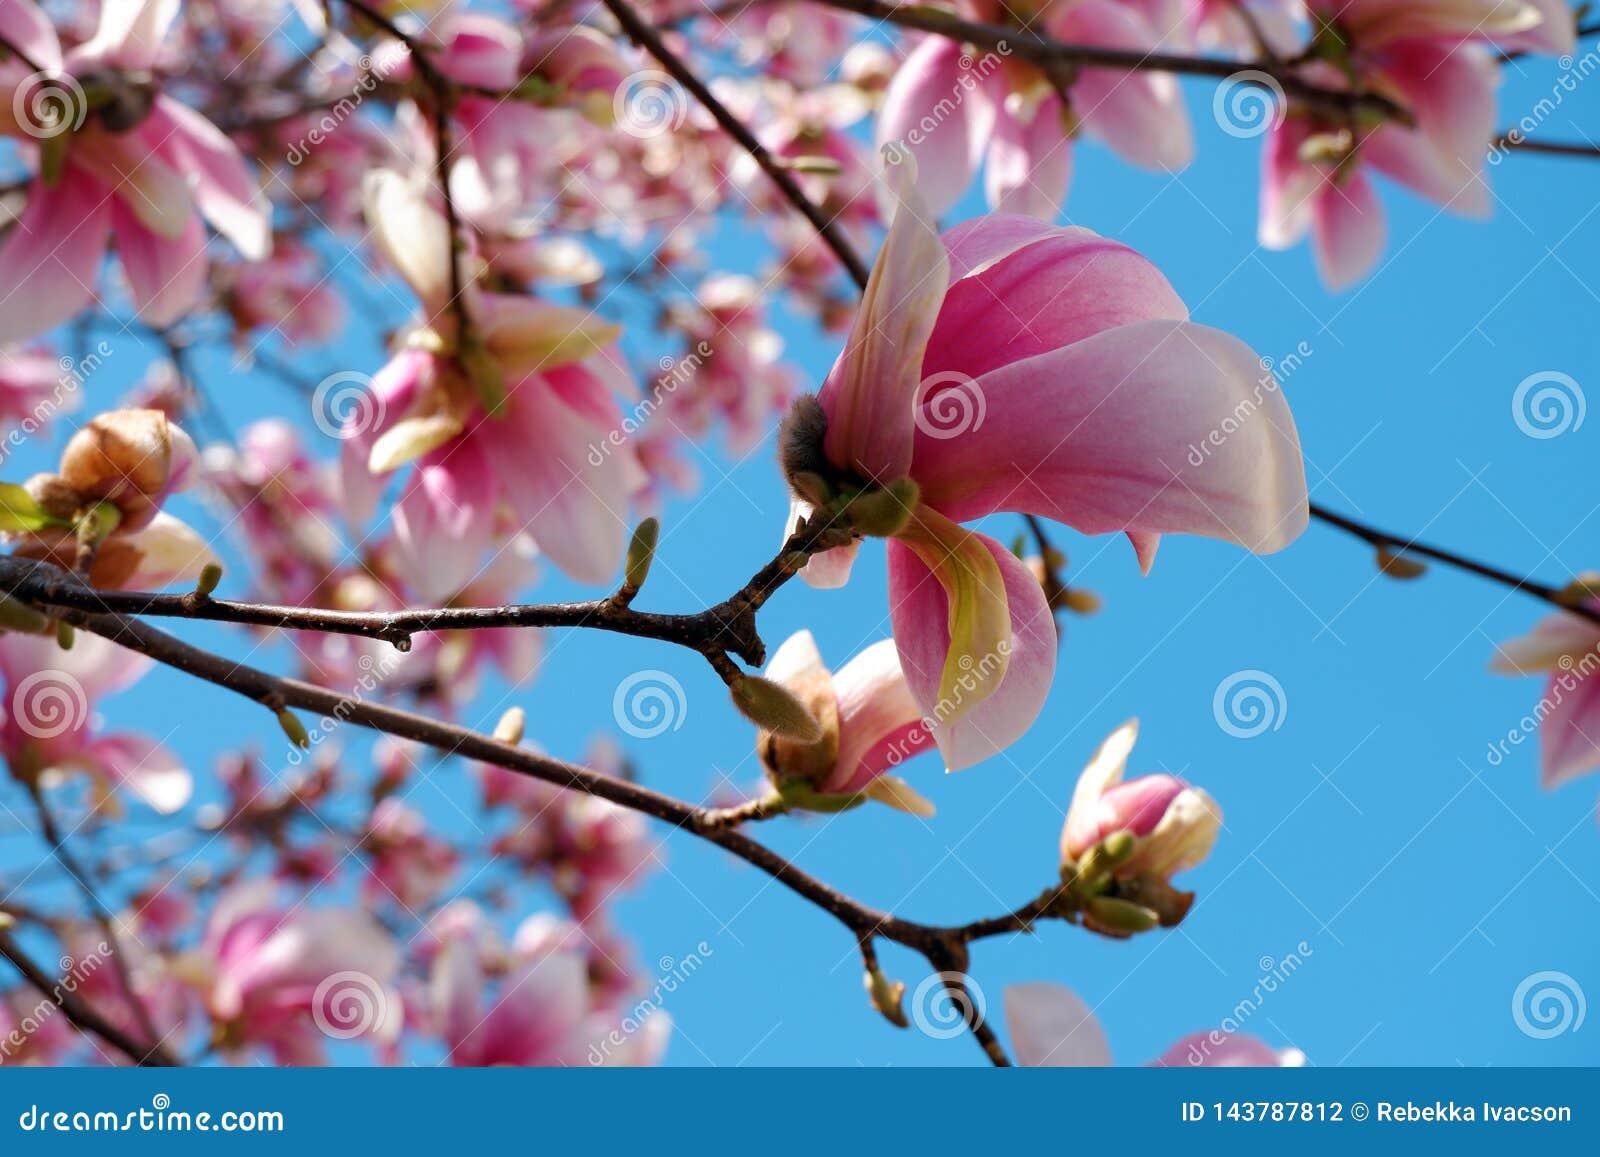 桃红色木兰花接近的看法在天空蔚蓝背景进展